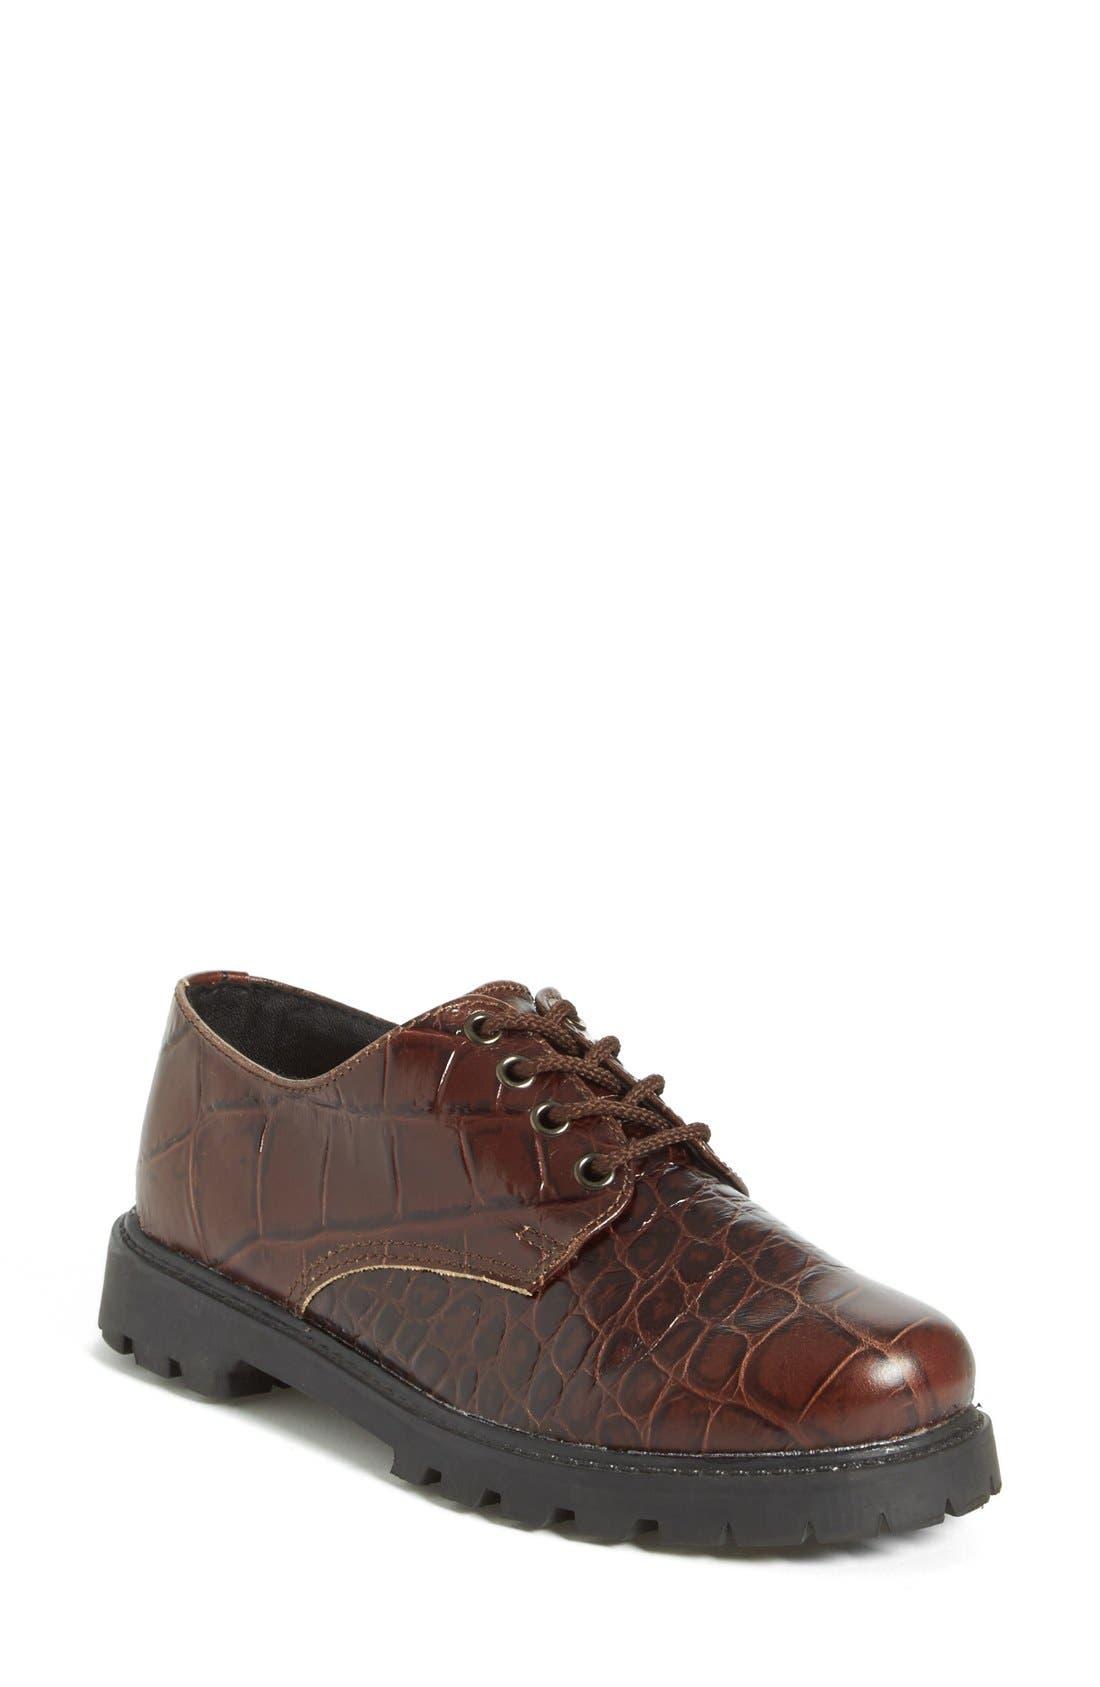 'School Shoe' Lace-Up Oxford,                             Main thumbnail 1, color,                             210